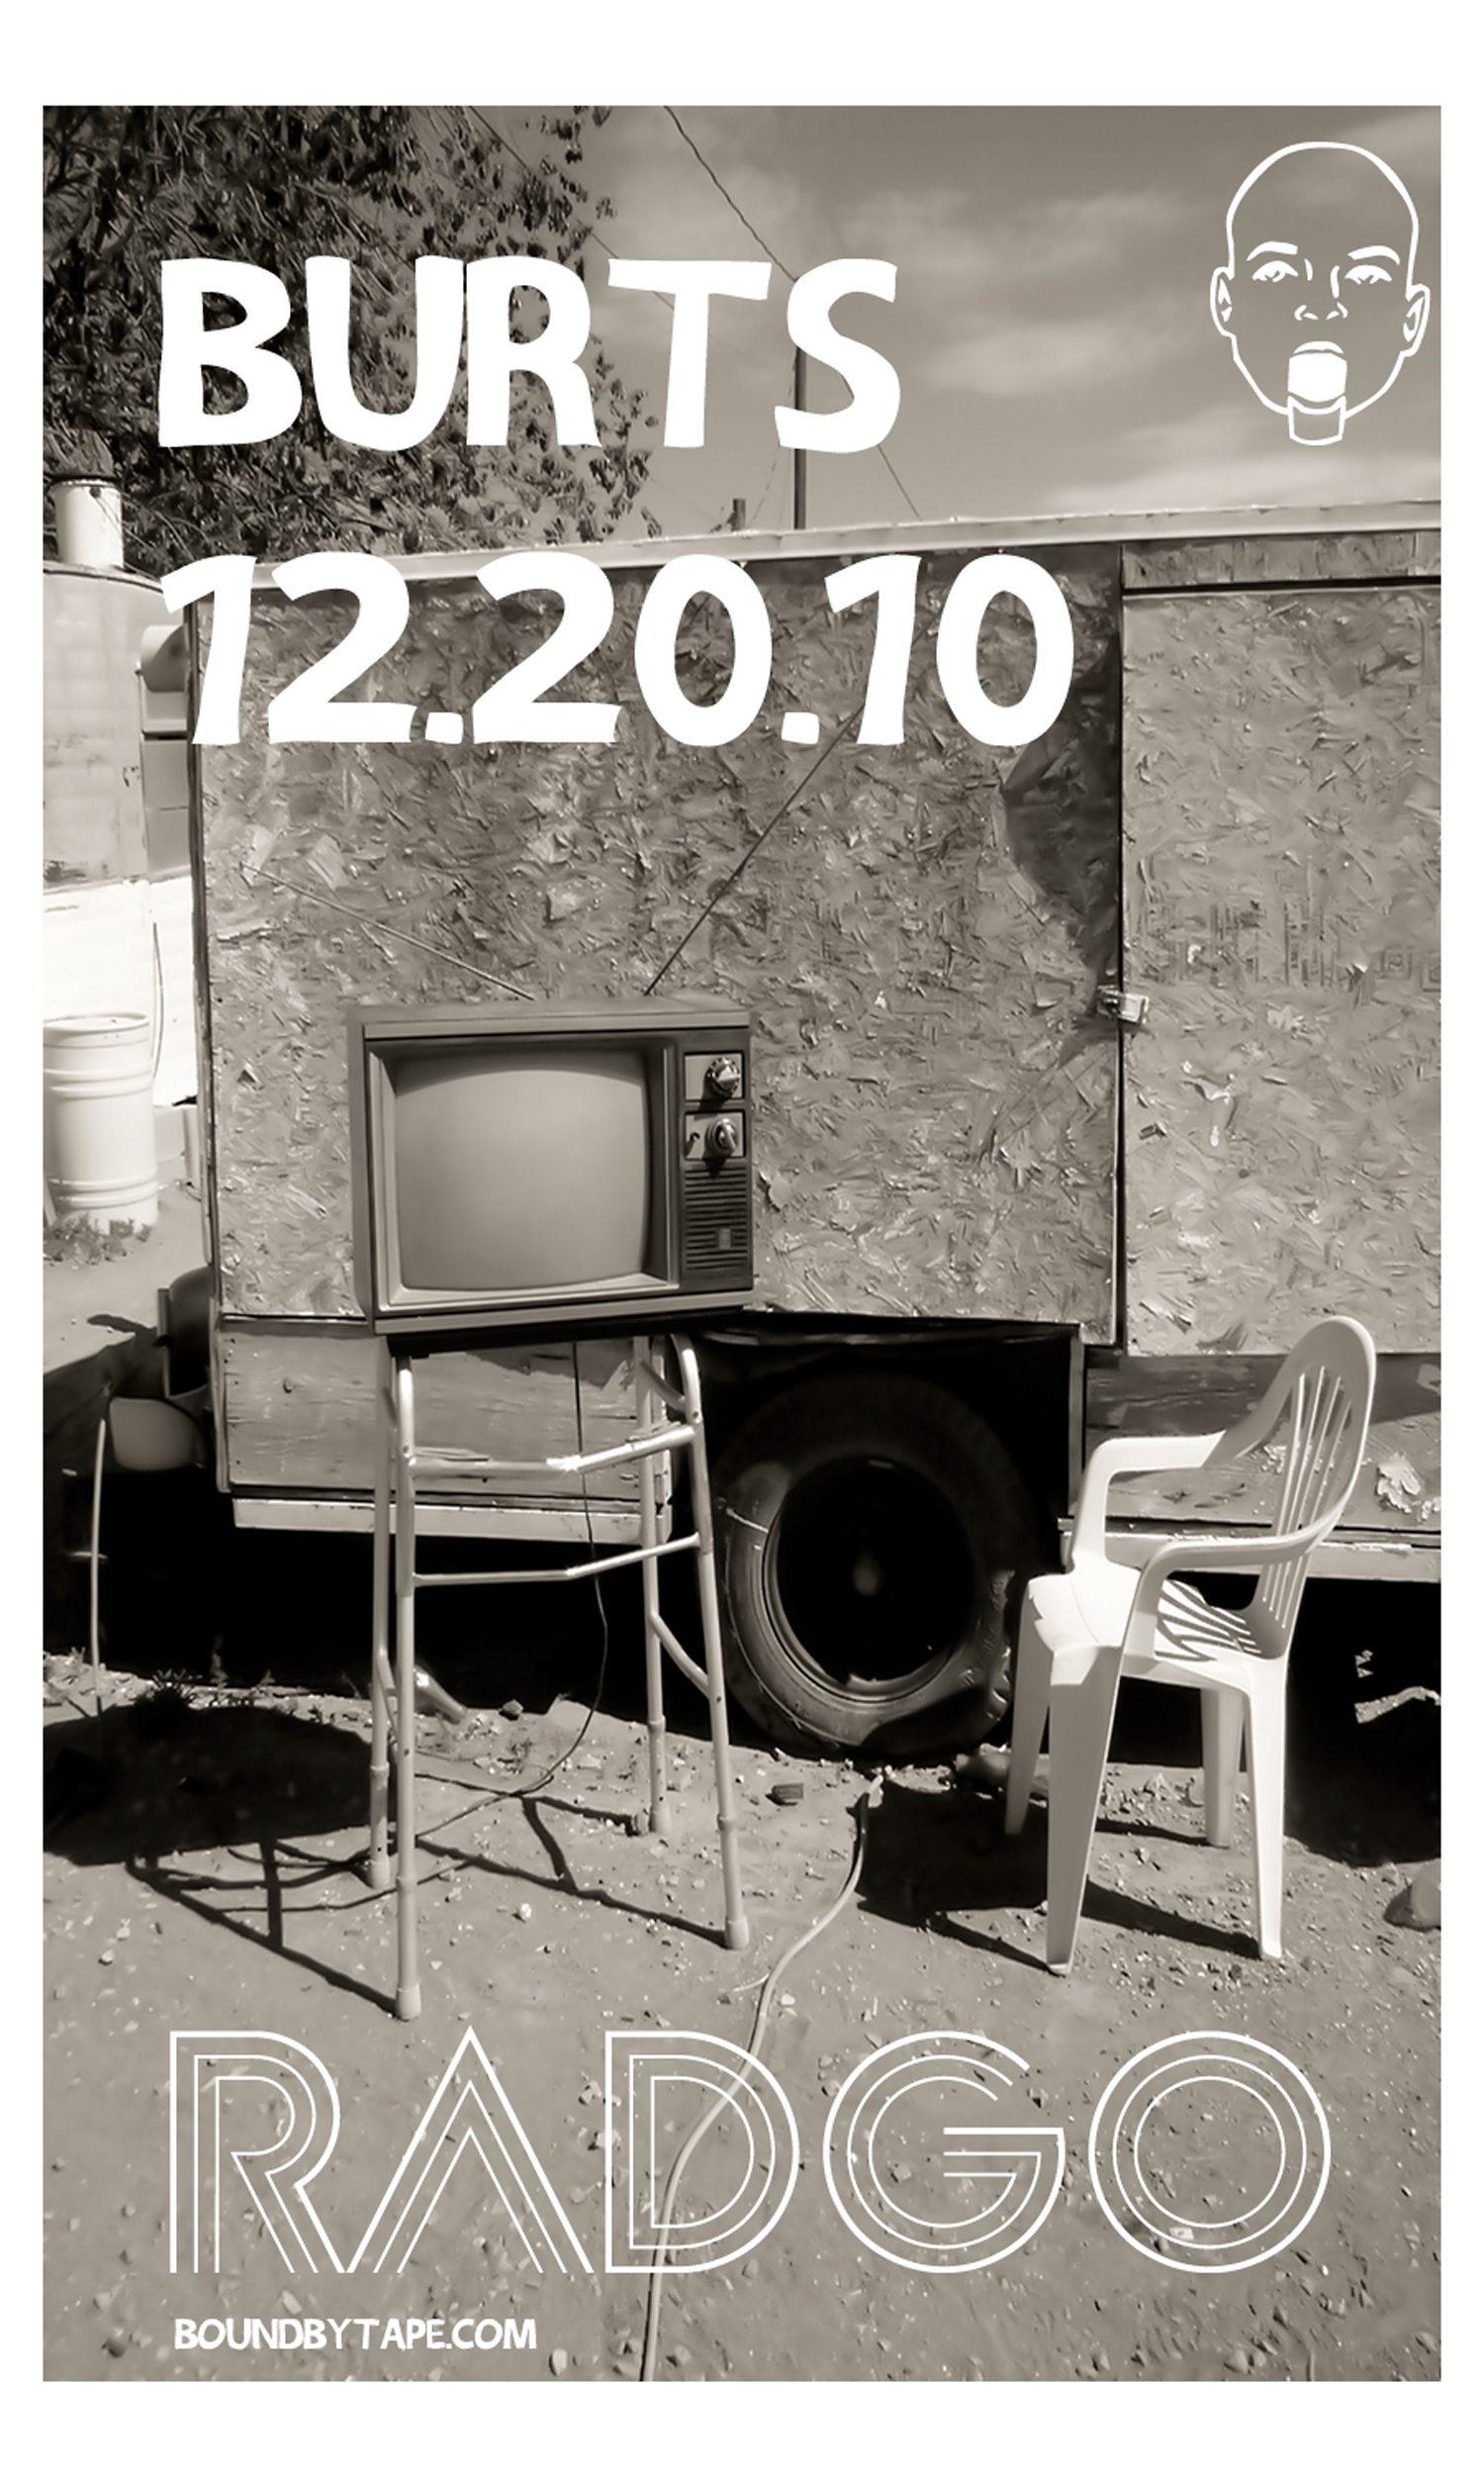 RadGo - Burt's Tiki Lounge - 12/20/10